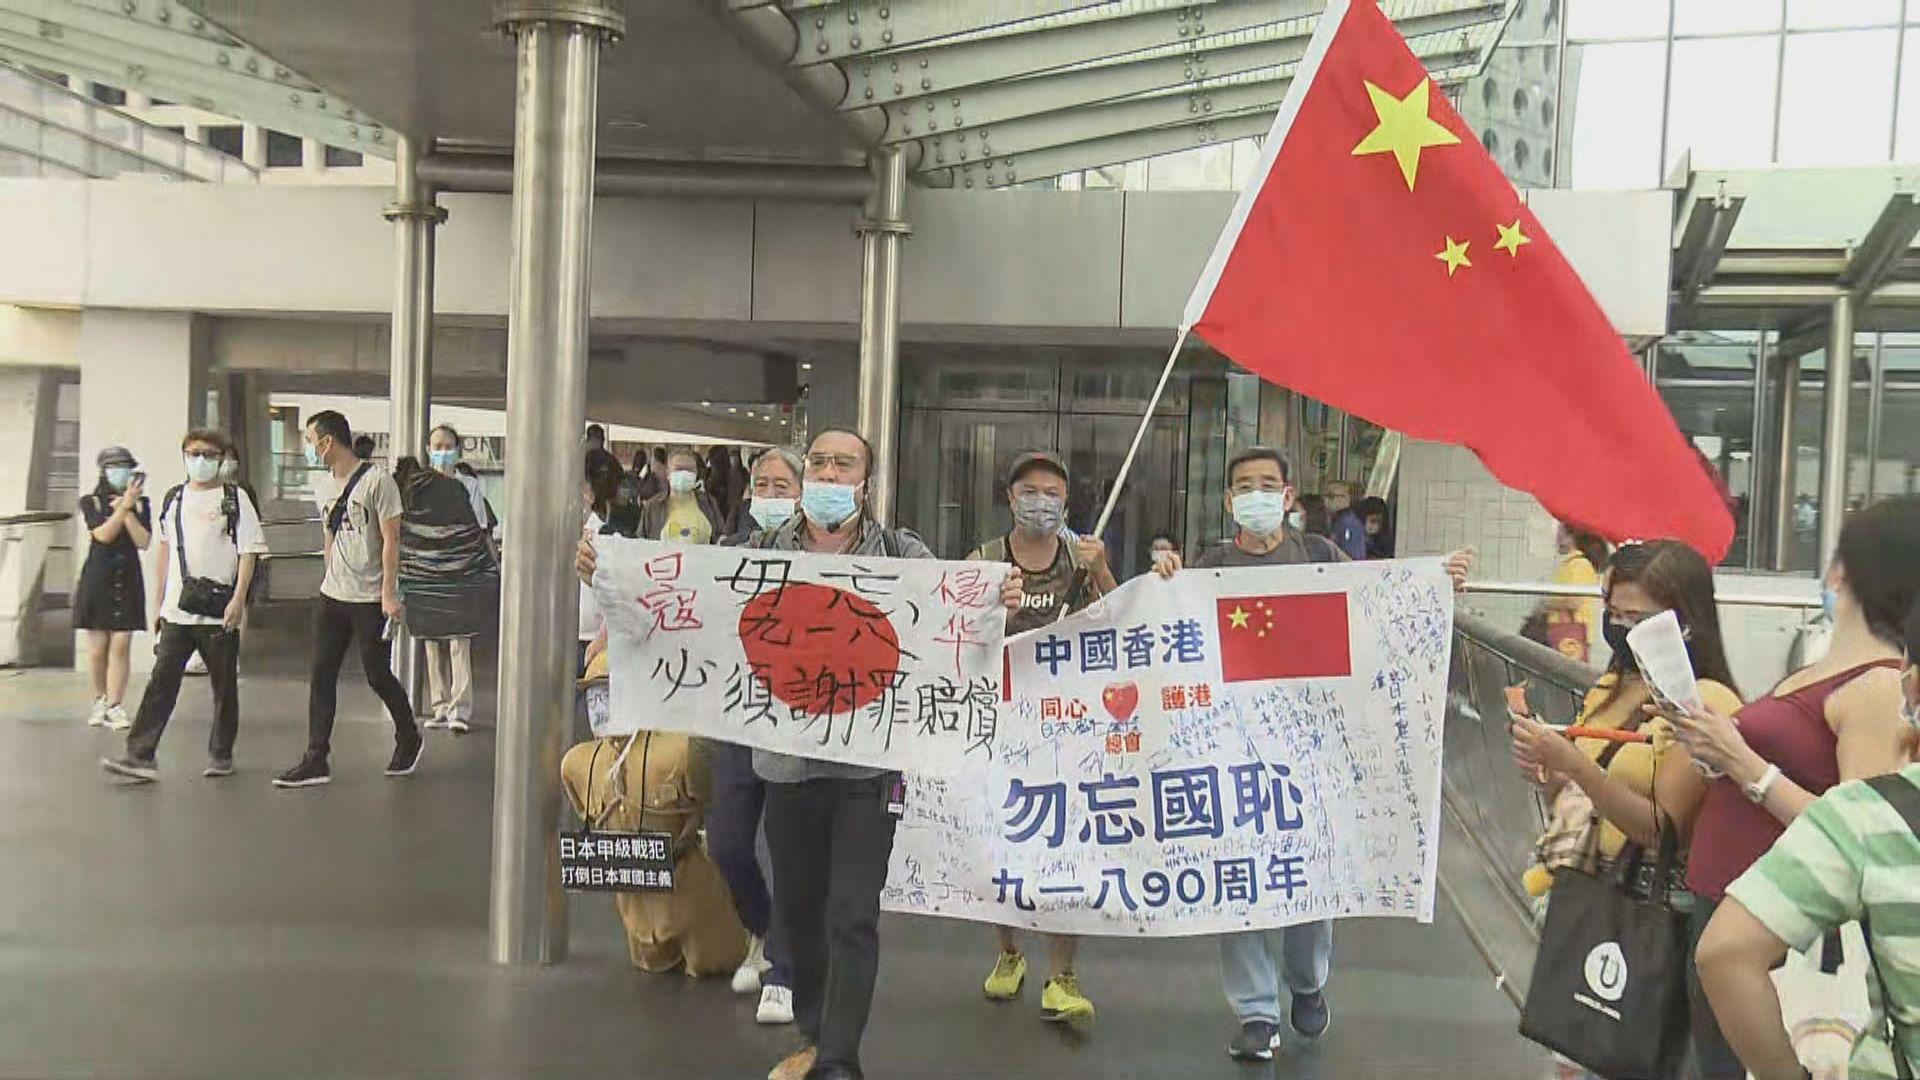 團體到日本領事館請願要求就九一八事變道歉